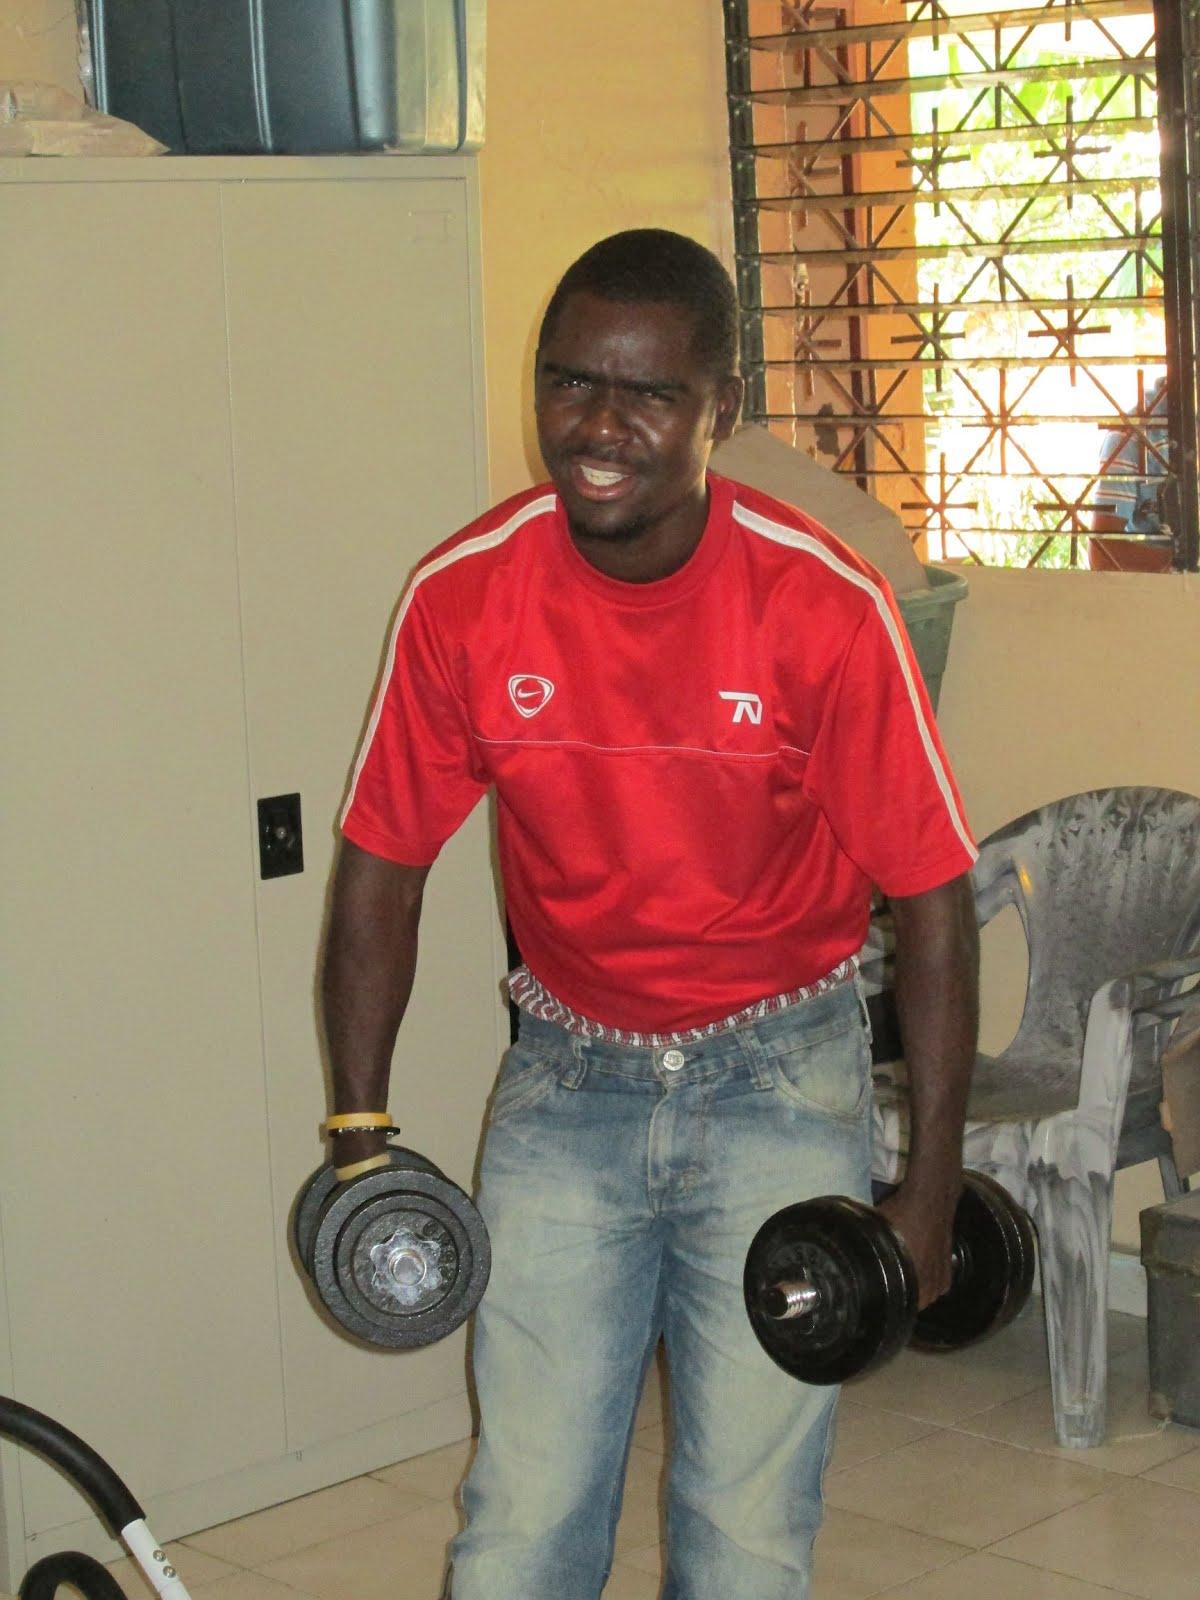 Haiti: Coram Deo Gym